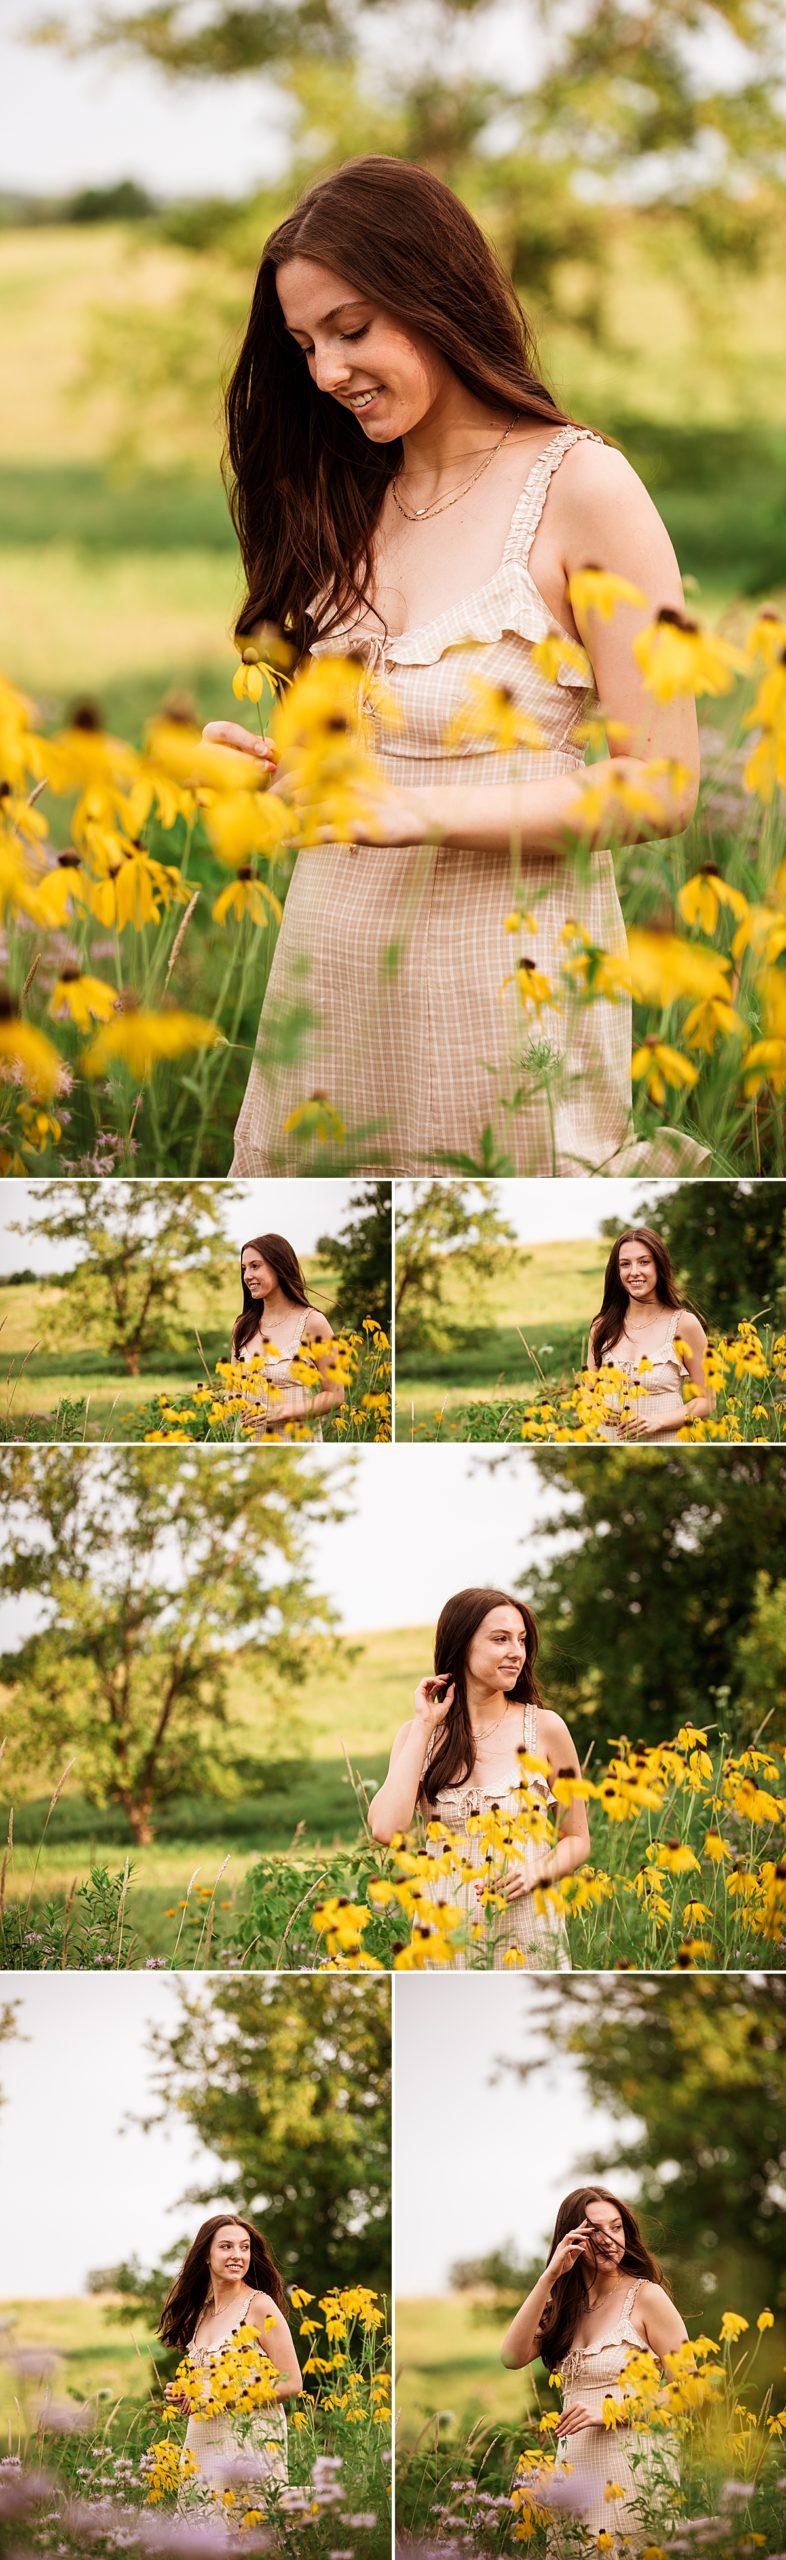 senior girl in yellow flower field